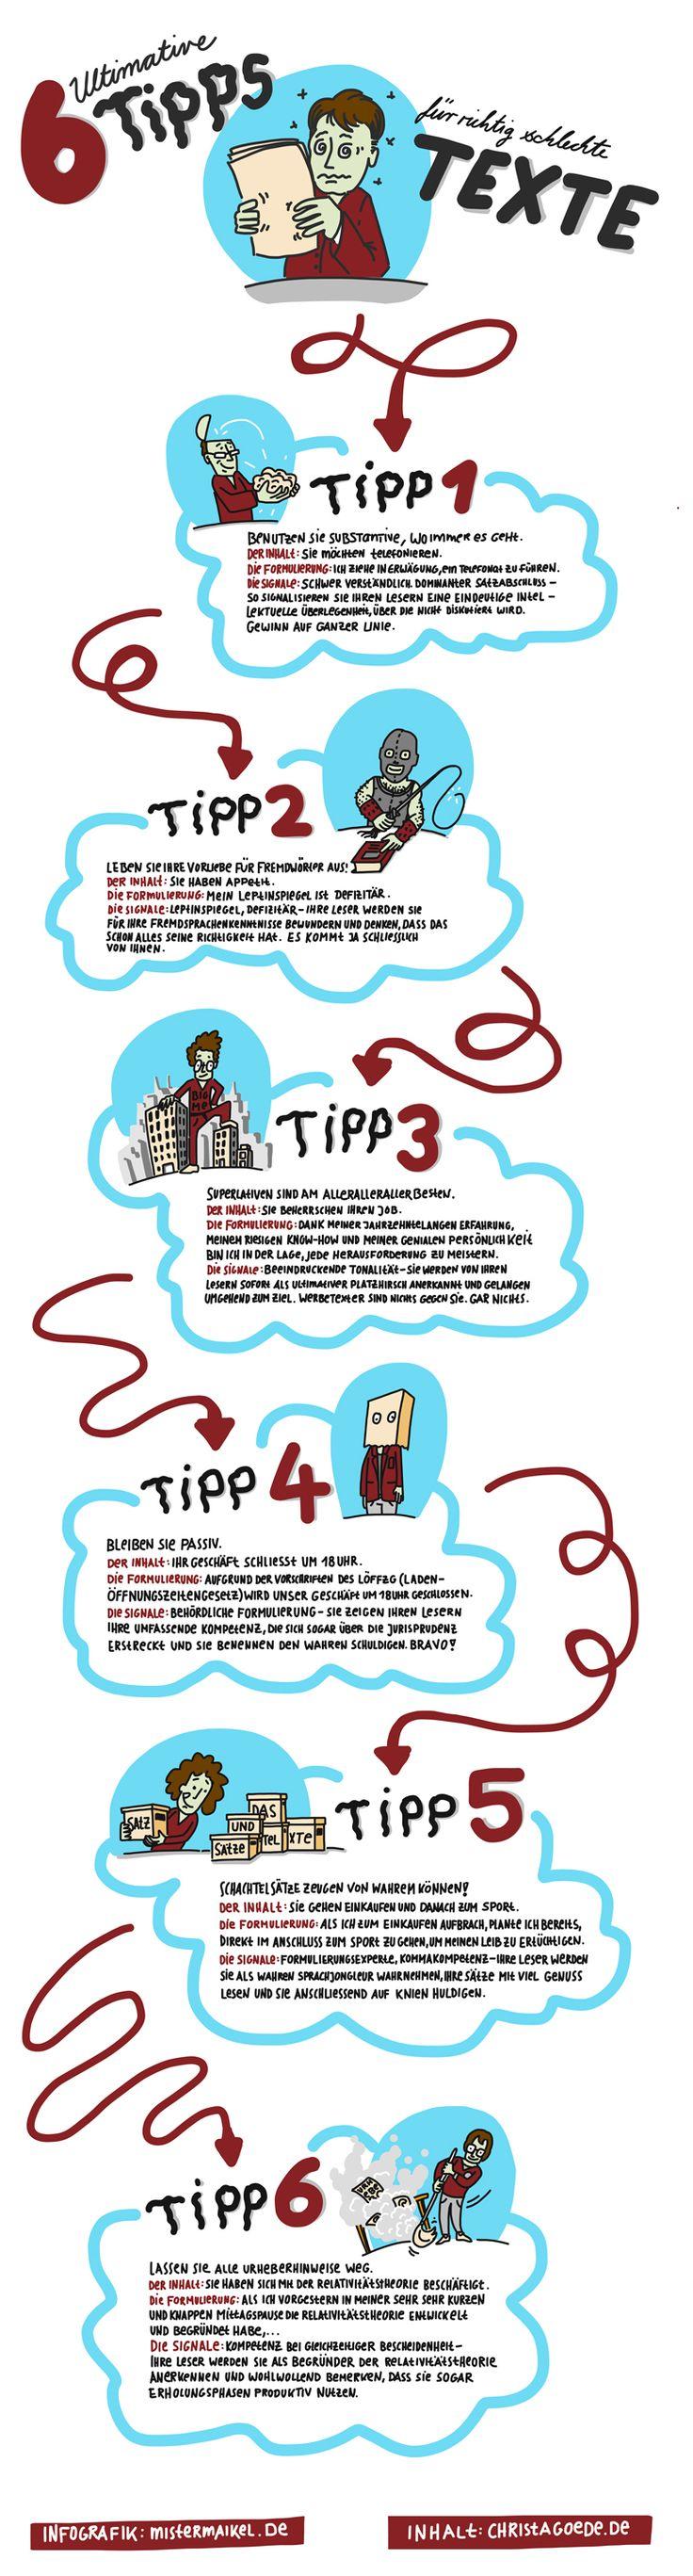 6 Tipps für richtig schlechte Texte